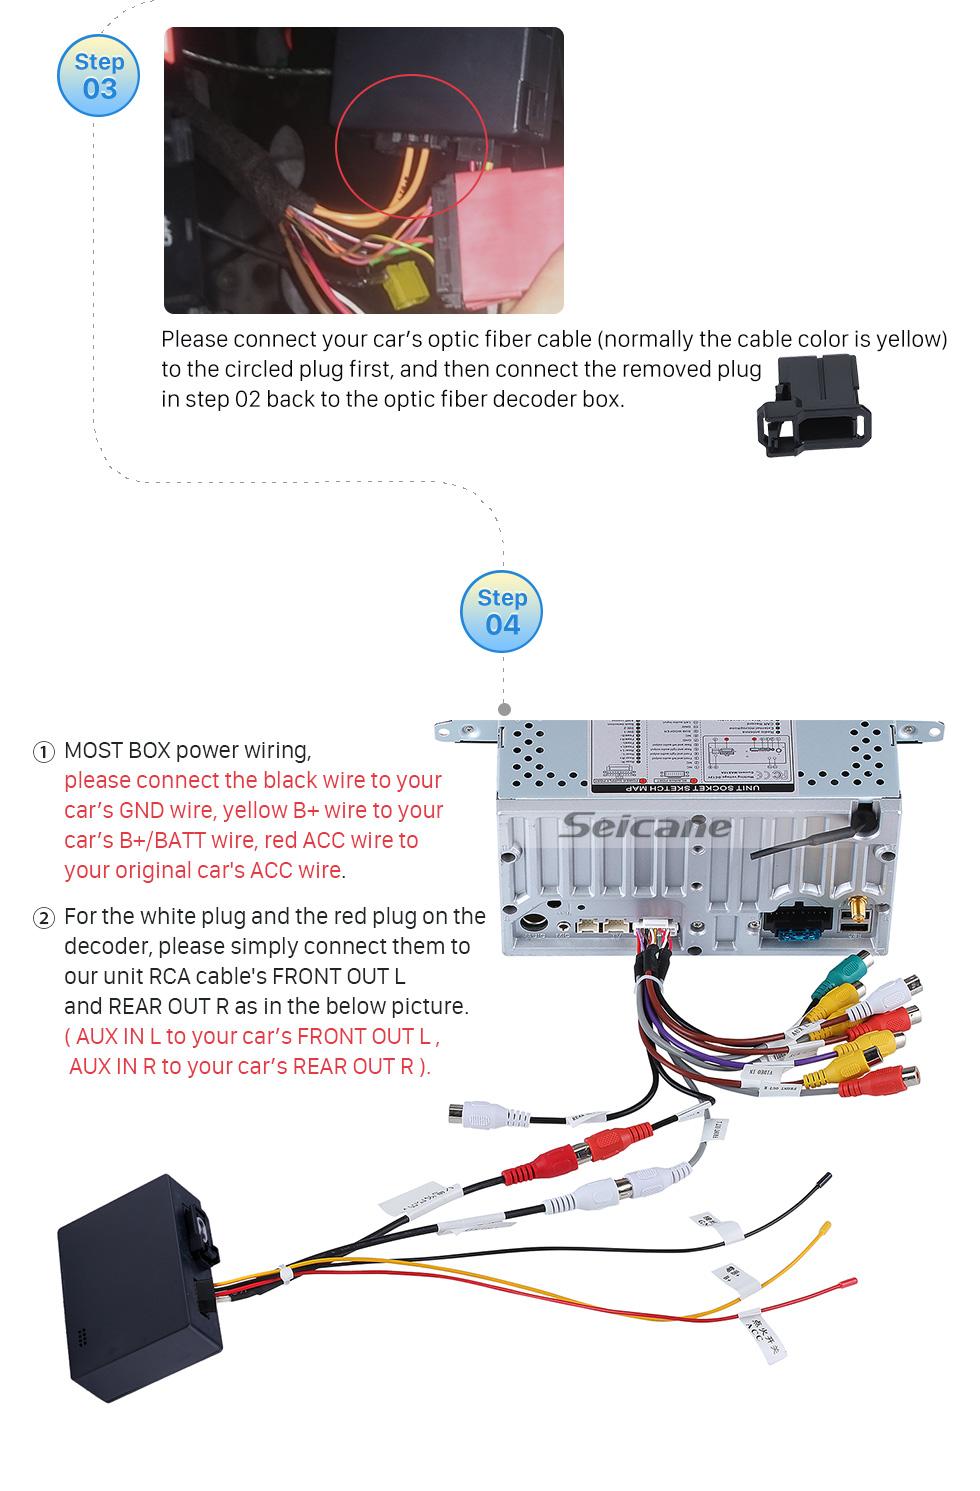 Seicane 2003-2012 Porsche Cayenne voiture décodeur de fibre optique plus boîte Bose Harmon Kardon amplificateur audio numérique convertisseur d'interface optique